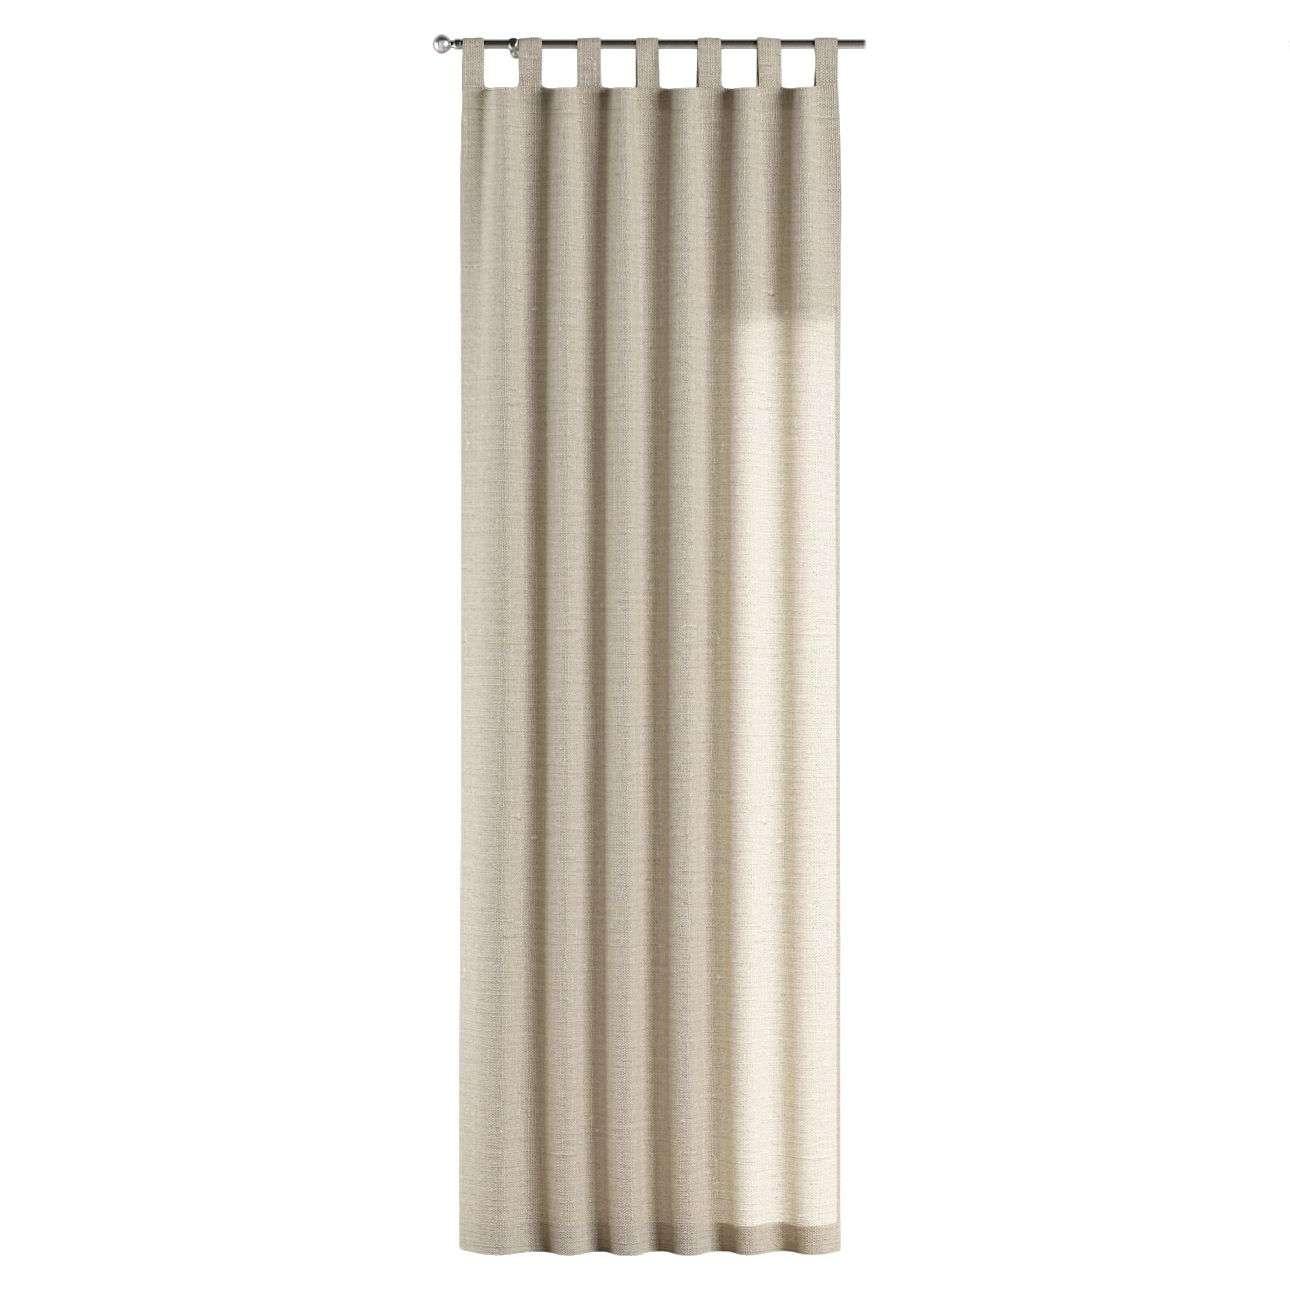 Závěs na poutkách 130 x 260 cm v kolekci Linen, látka: 392-05